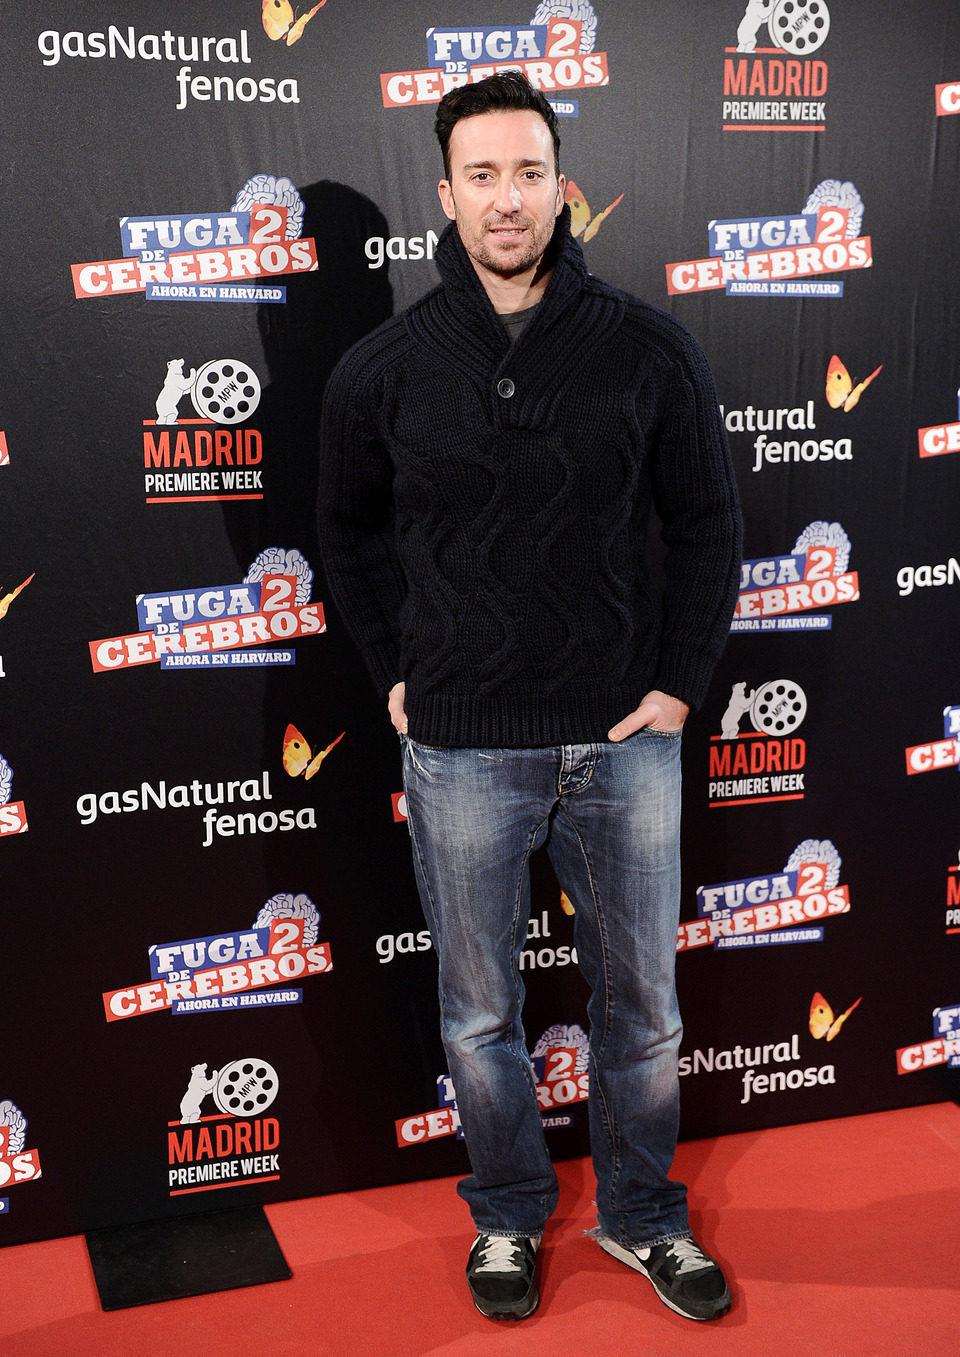 Pablo Puyol, invitado en la premiére de 'Fuga de cerebros 2'